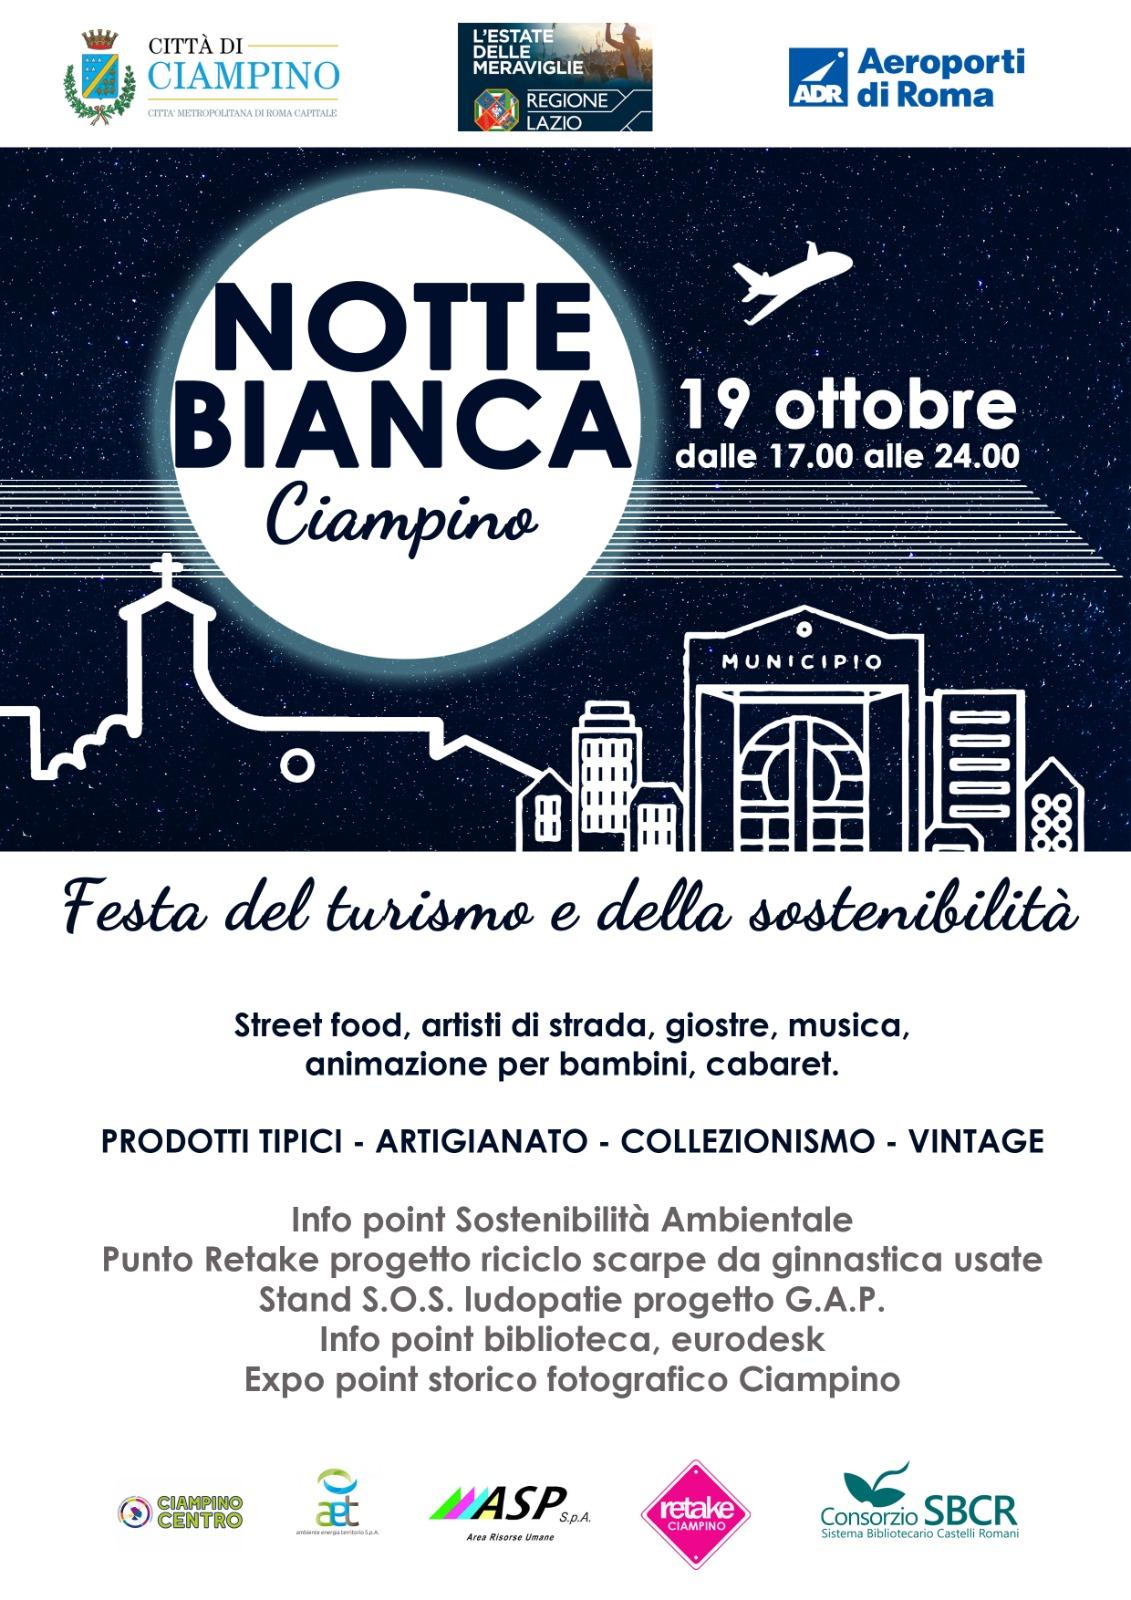 """Sabato 19 ottobre 2019: la """"Notte Bianca"""" a Ciampino."""